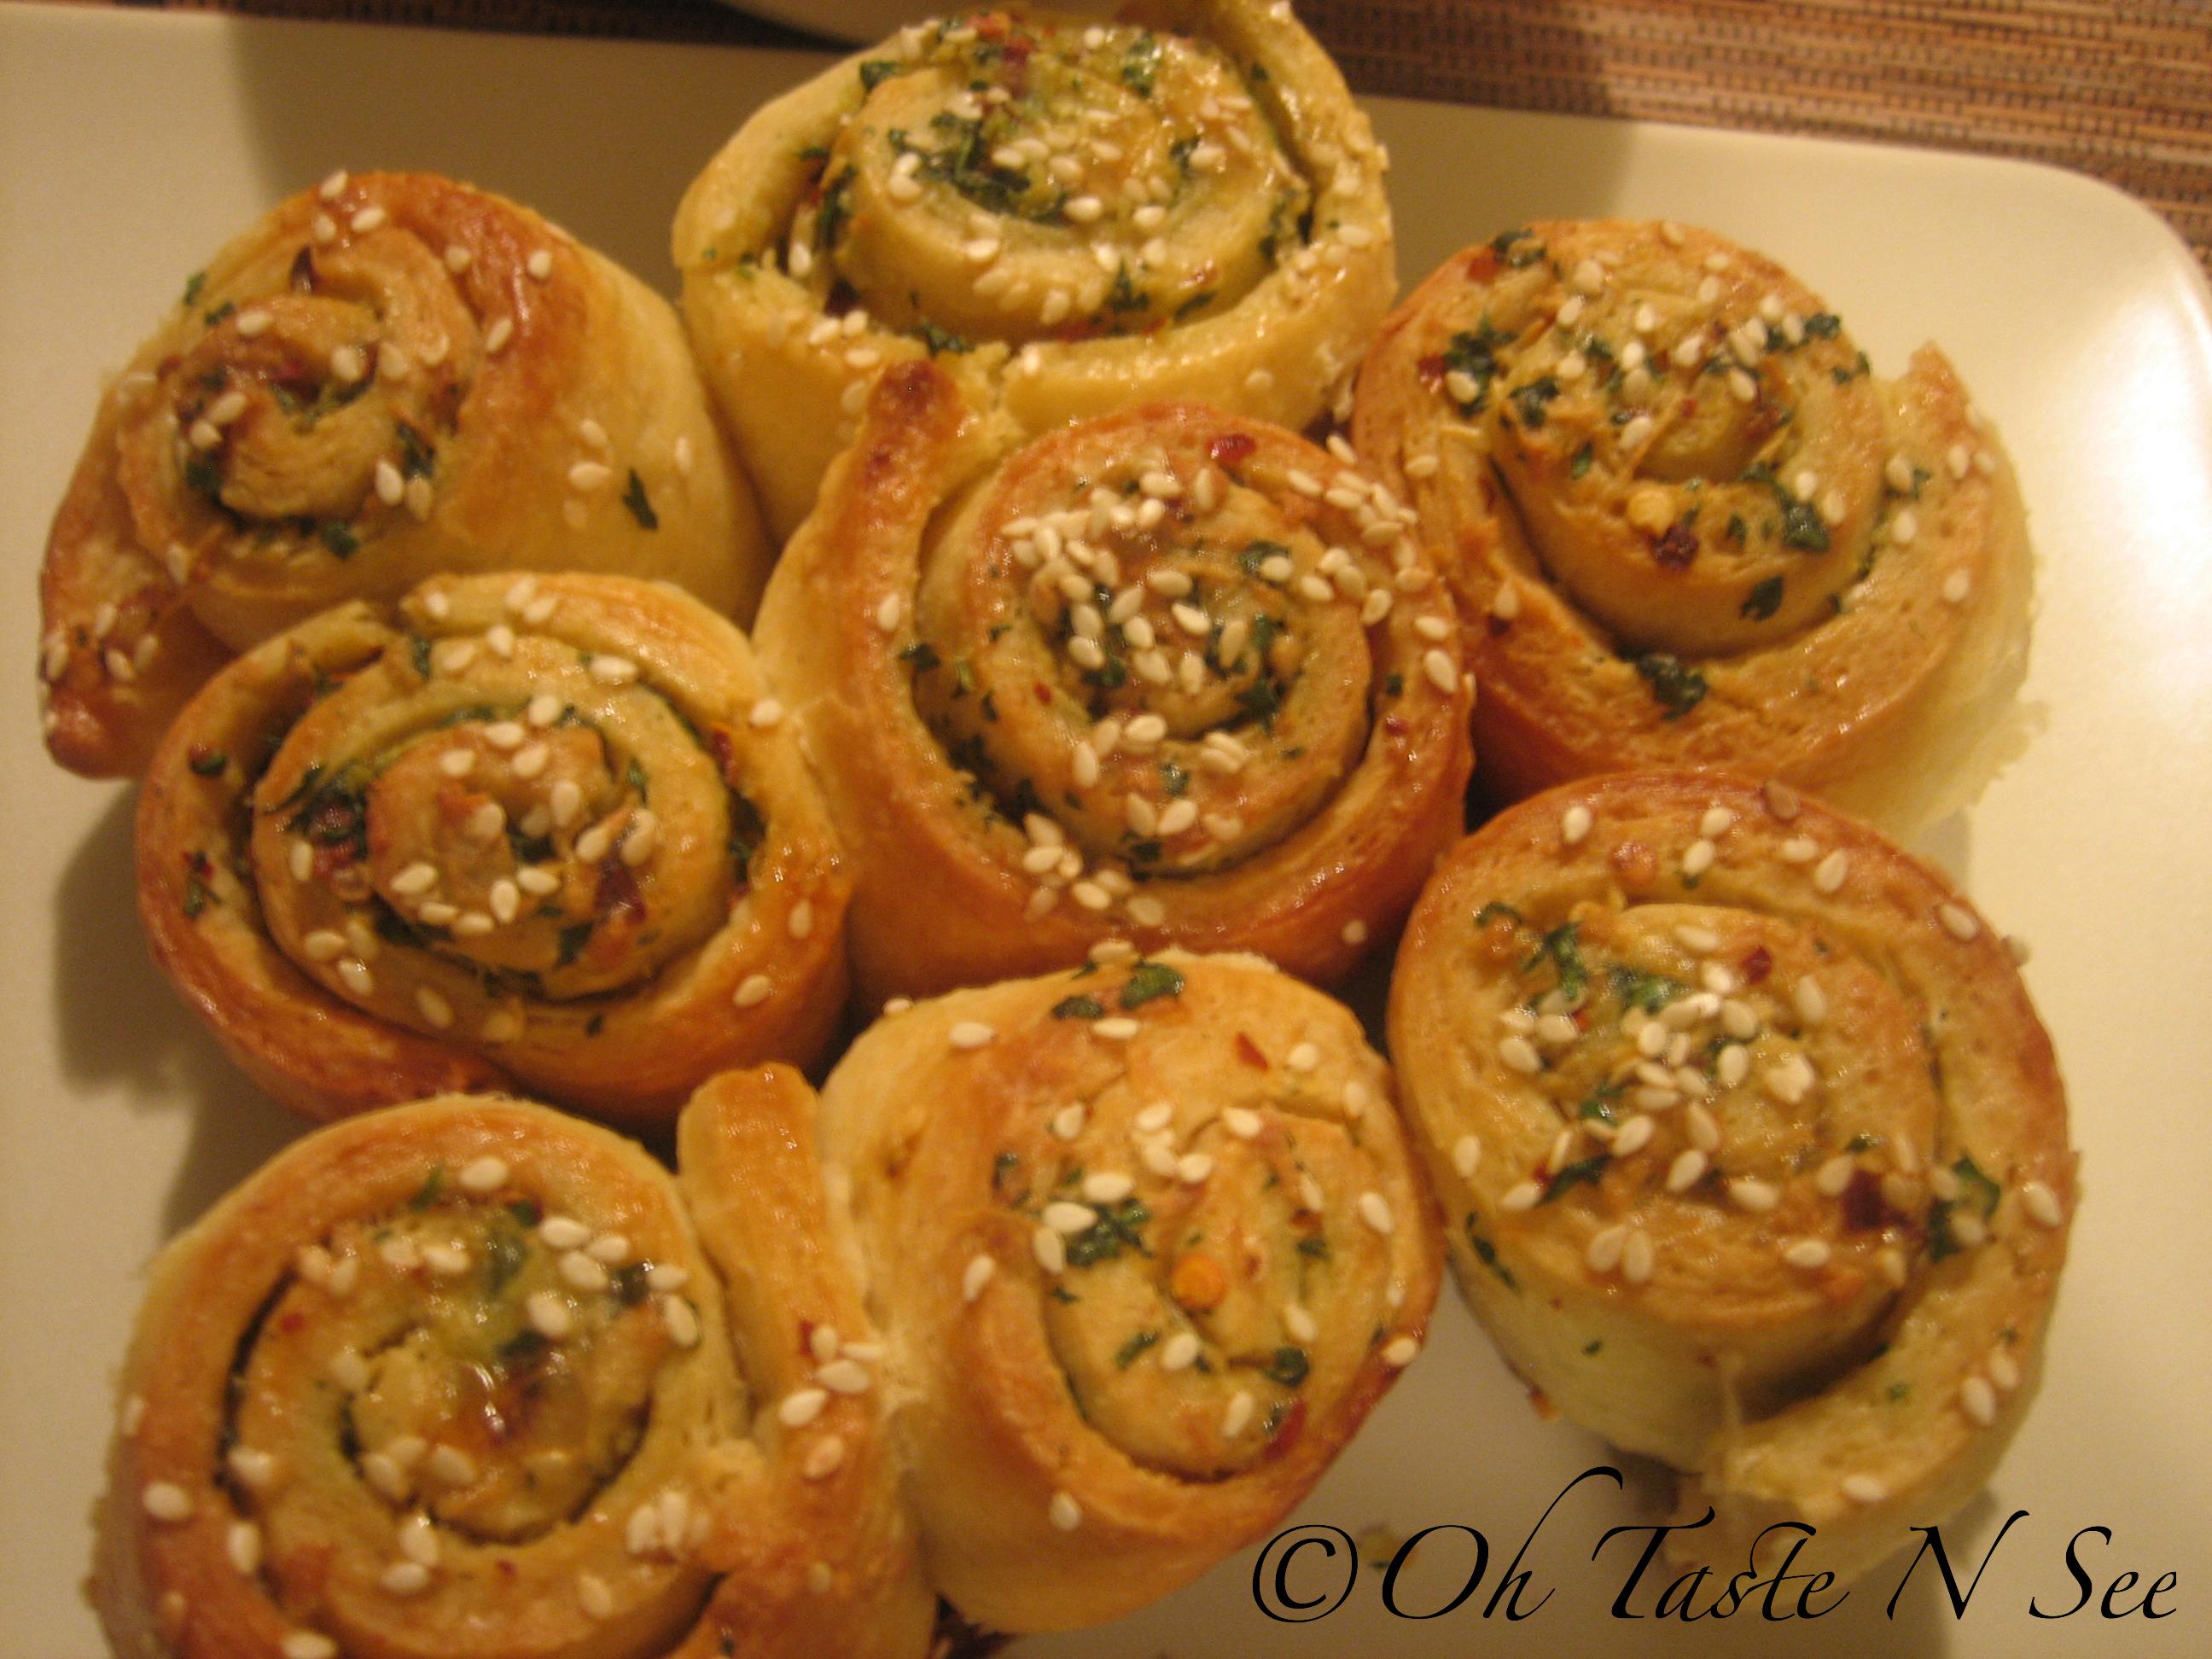 img 6990 wm - Garlic roll